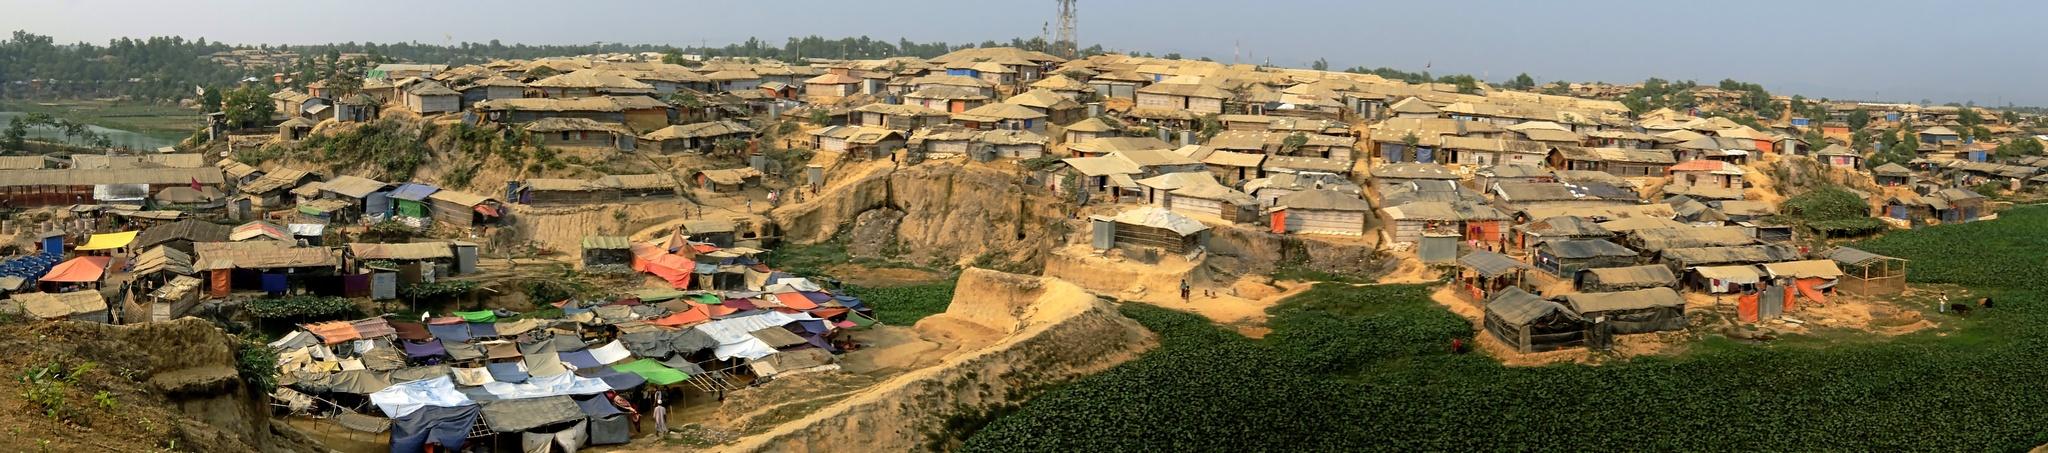 Panorámica de campos de refugiados rohingya en Kutupalong, uno de los más precarios de Bangladesh.